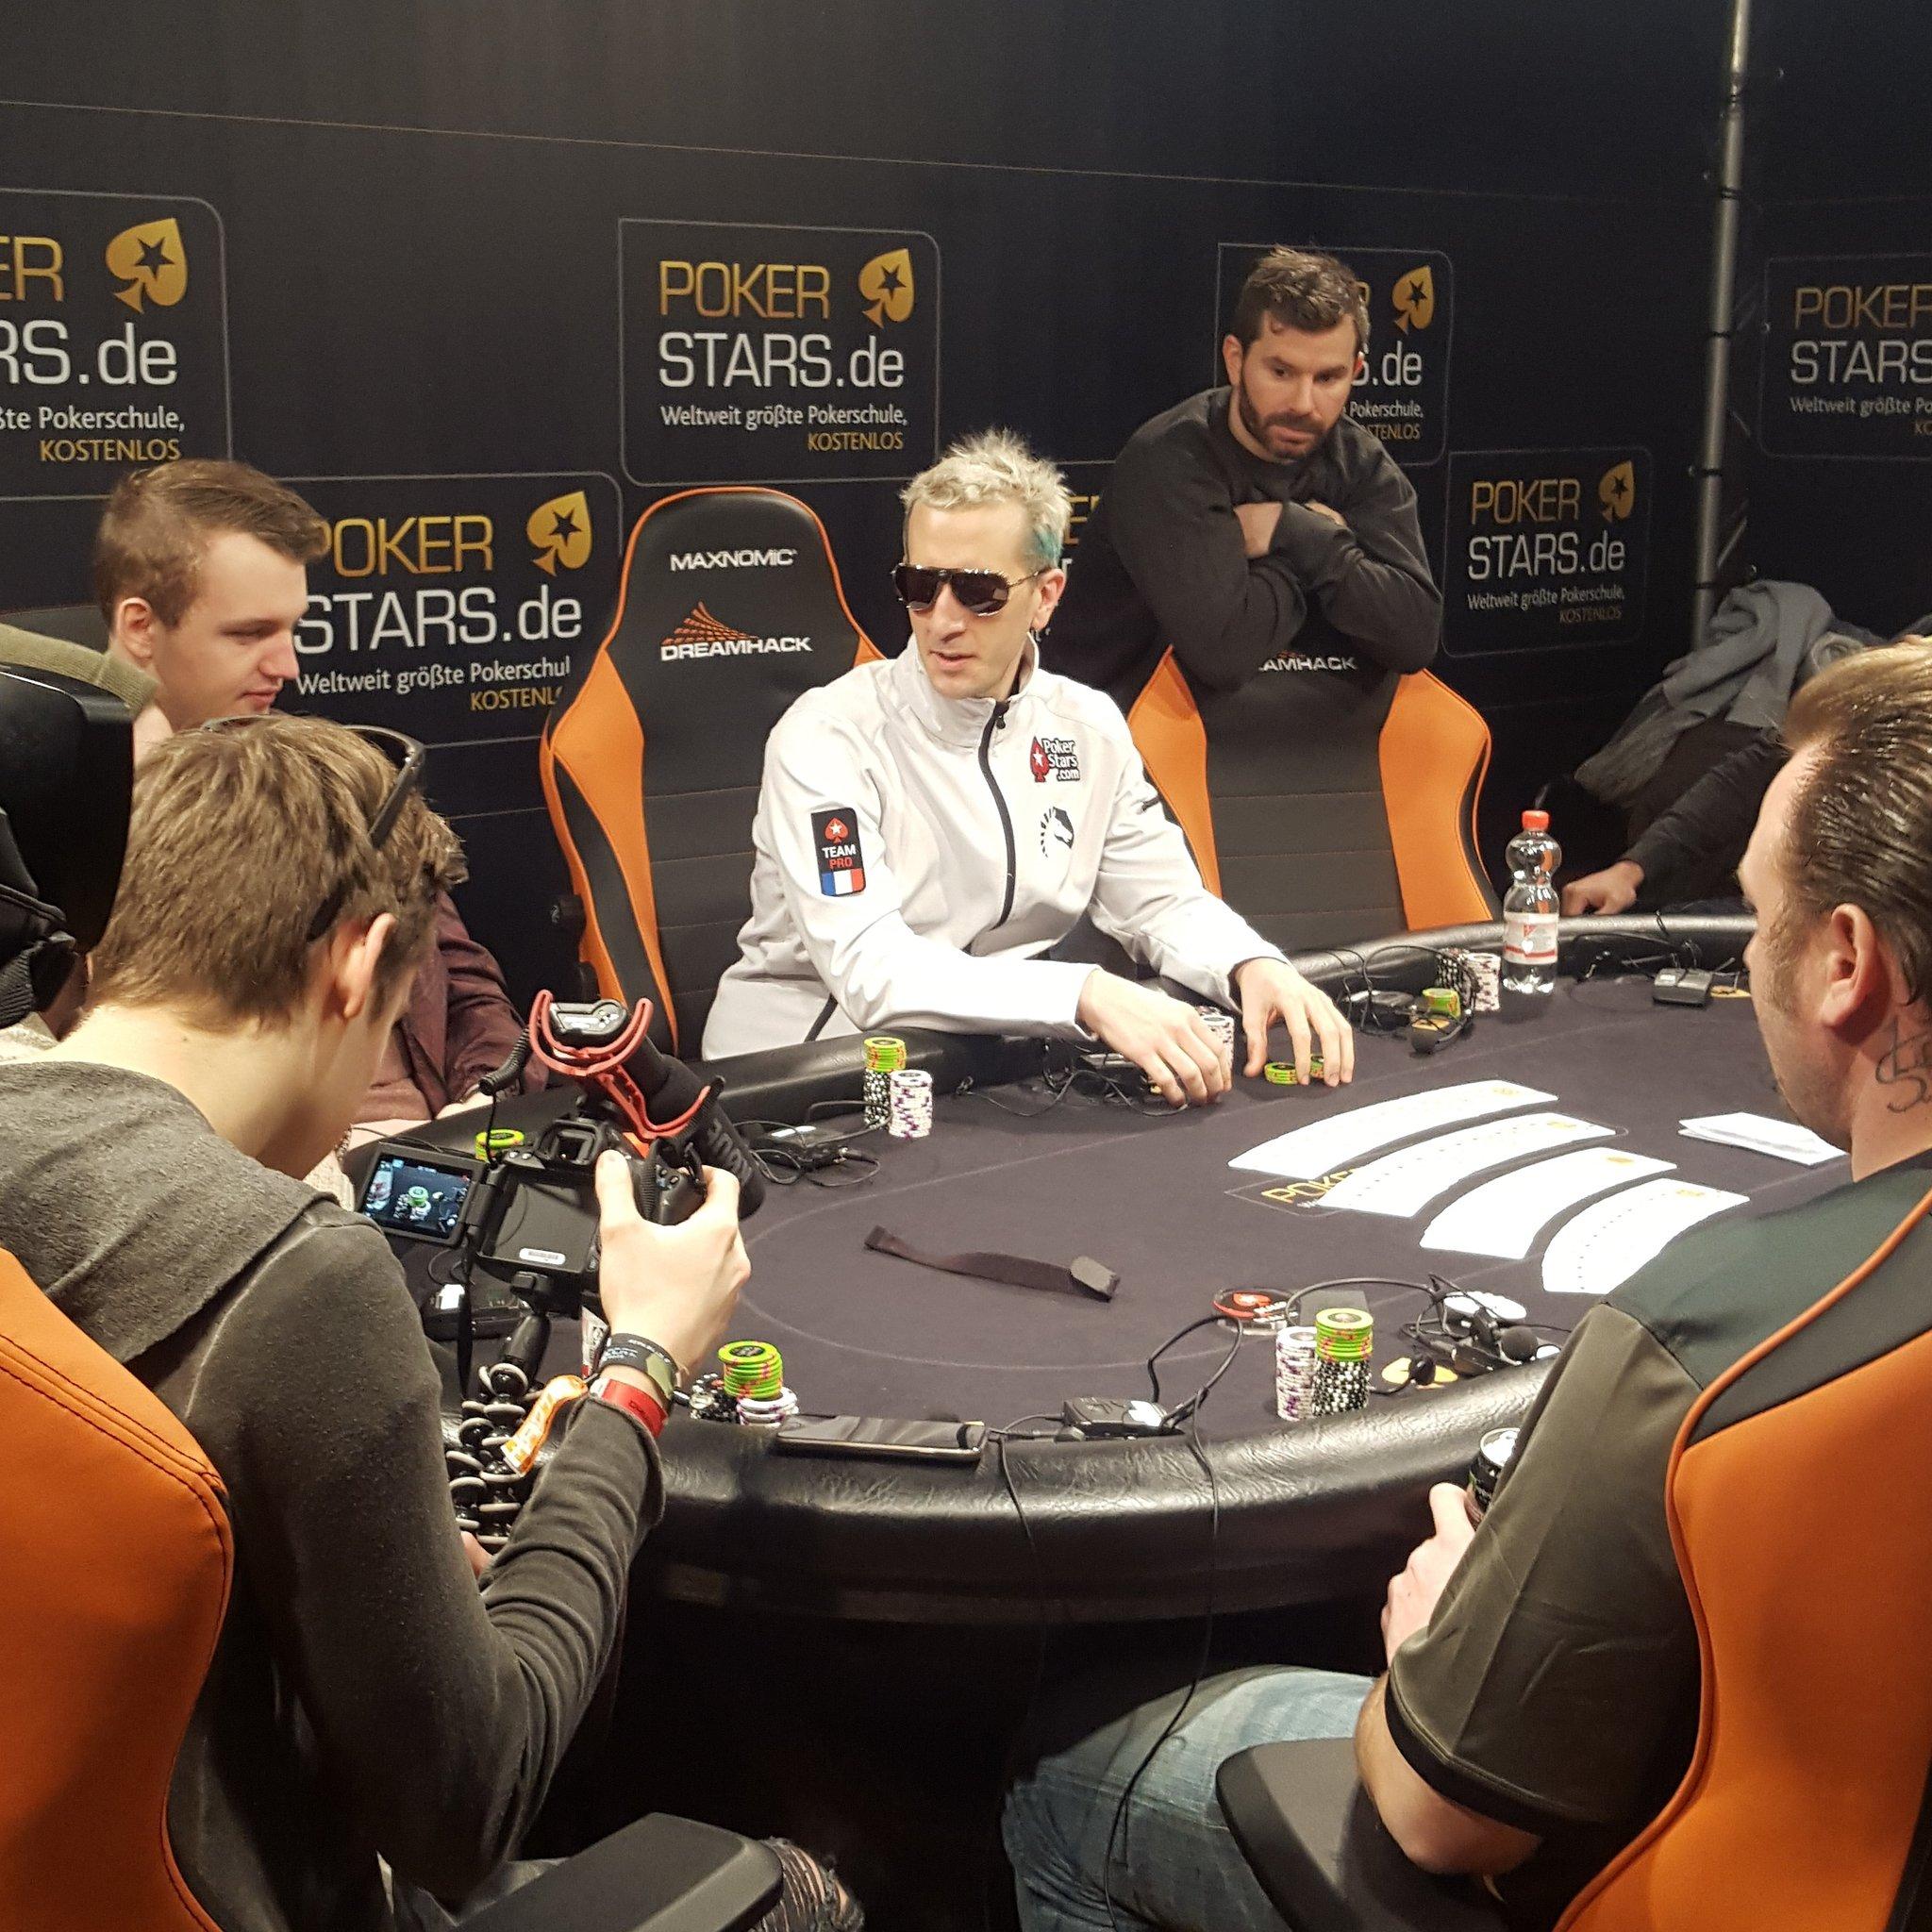 dreamhack poker